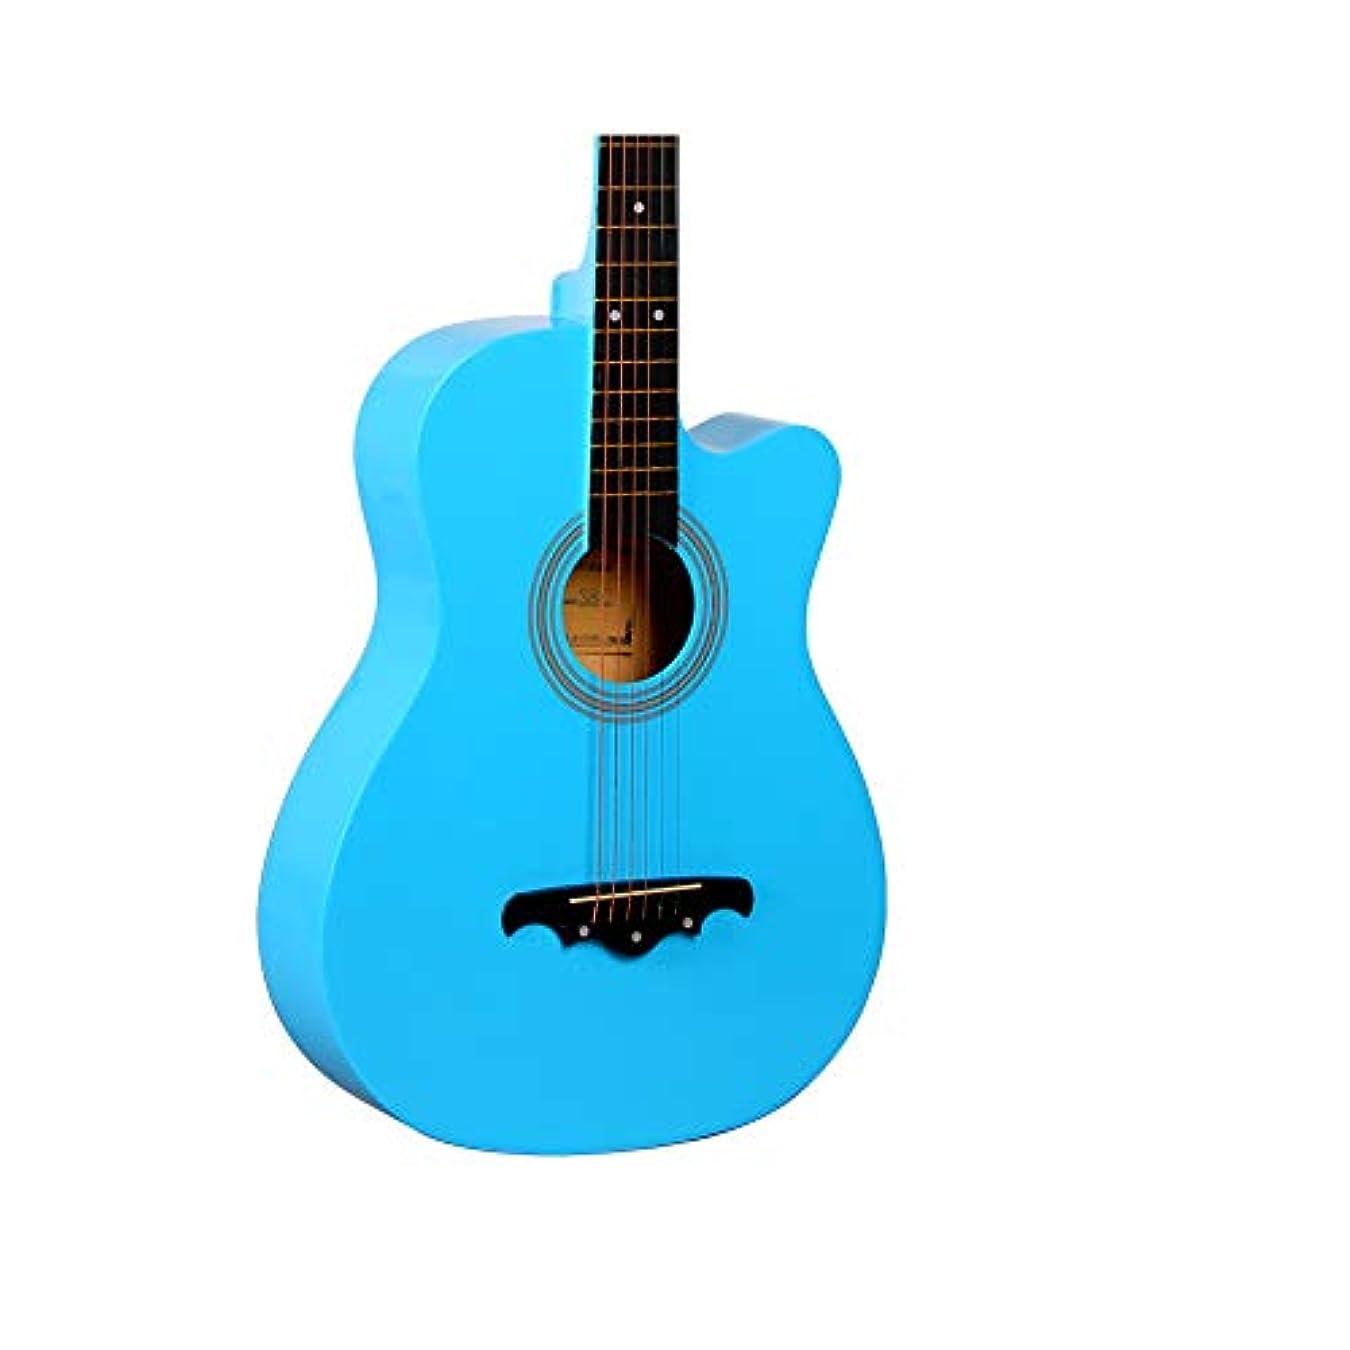 庭園引退する丁寧ギター 初心者 入門 アコースティック クラシックギター どこへでも気軽に持ち運べ